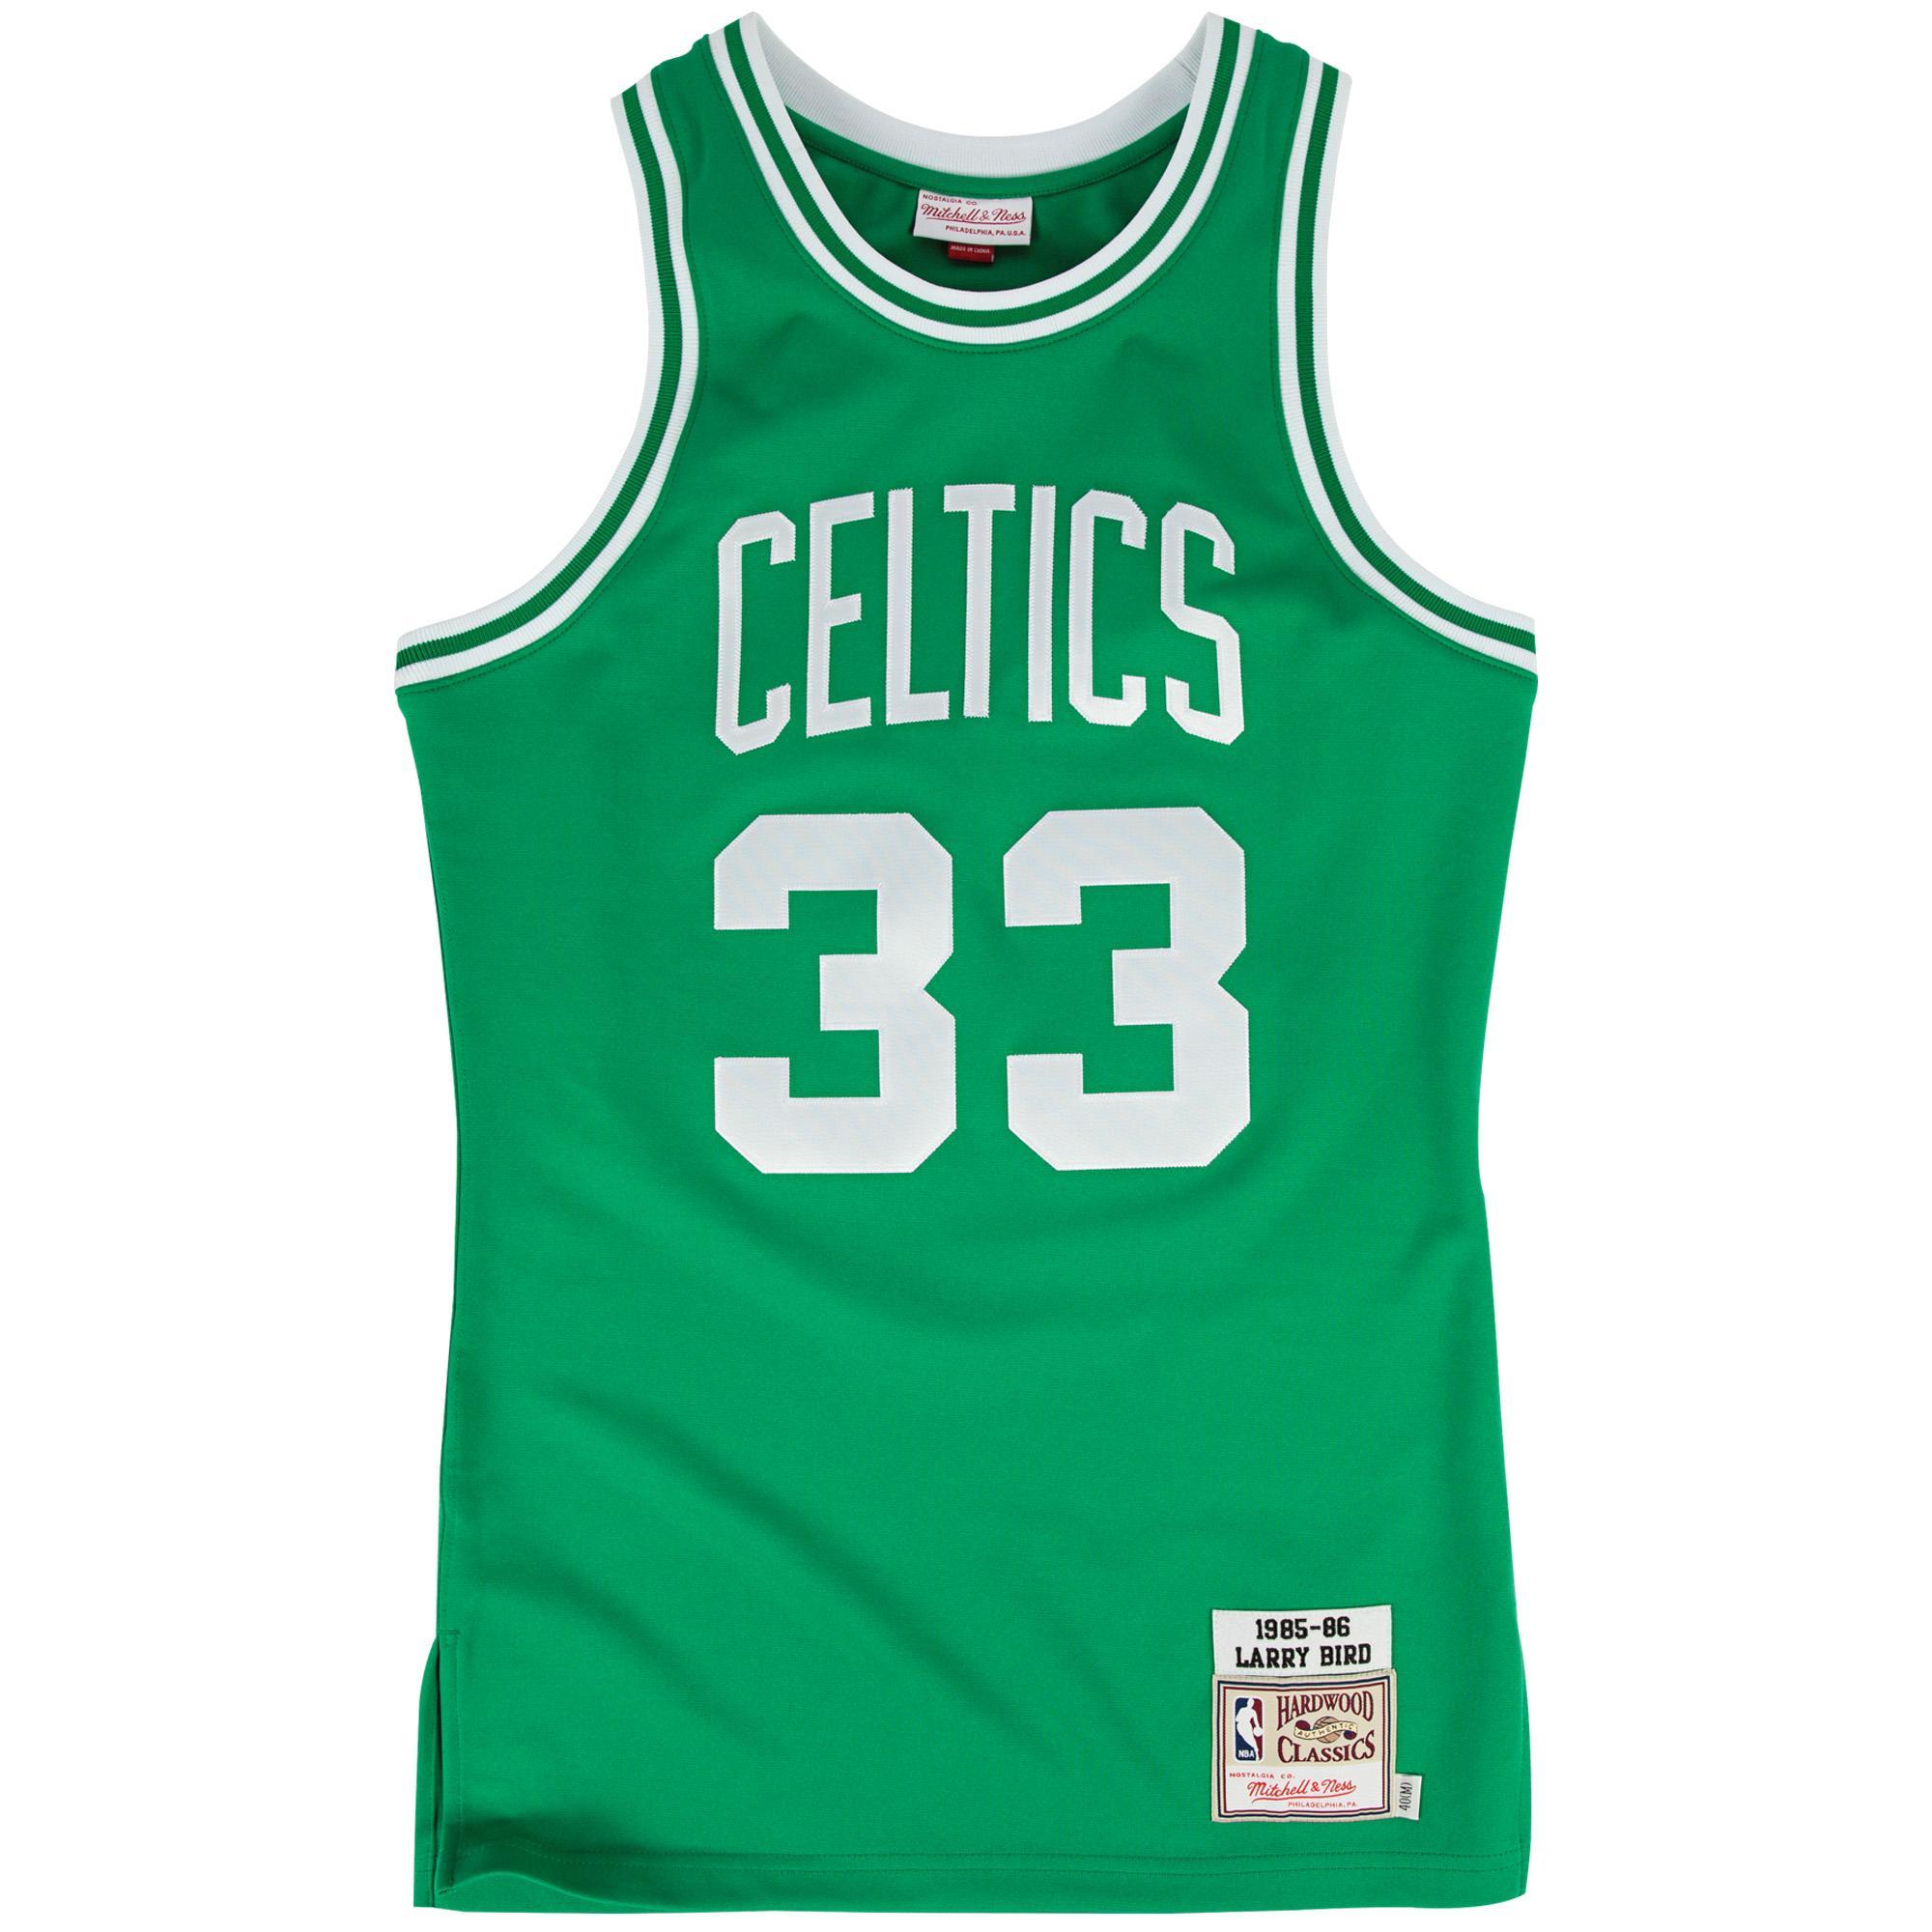 00e898daa0e Larry Bird 1985-86 Road Authentic Jersey Boston Celtics